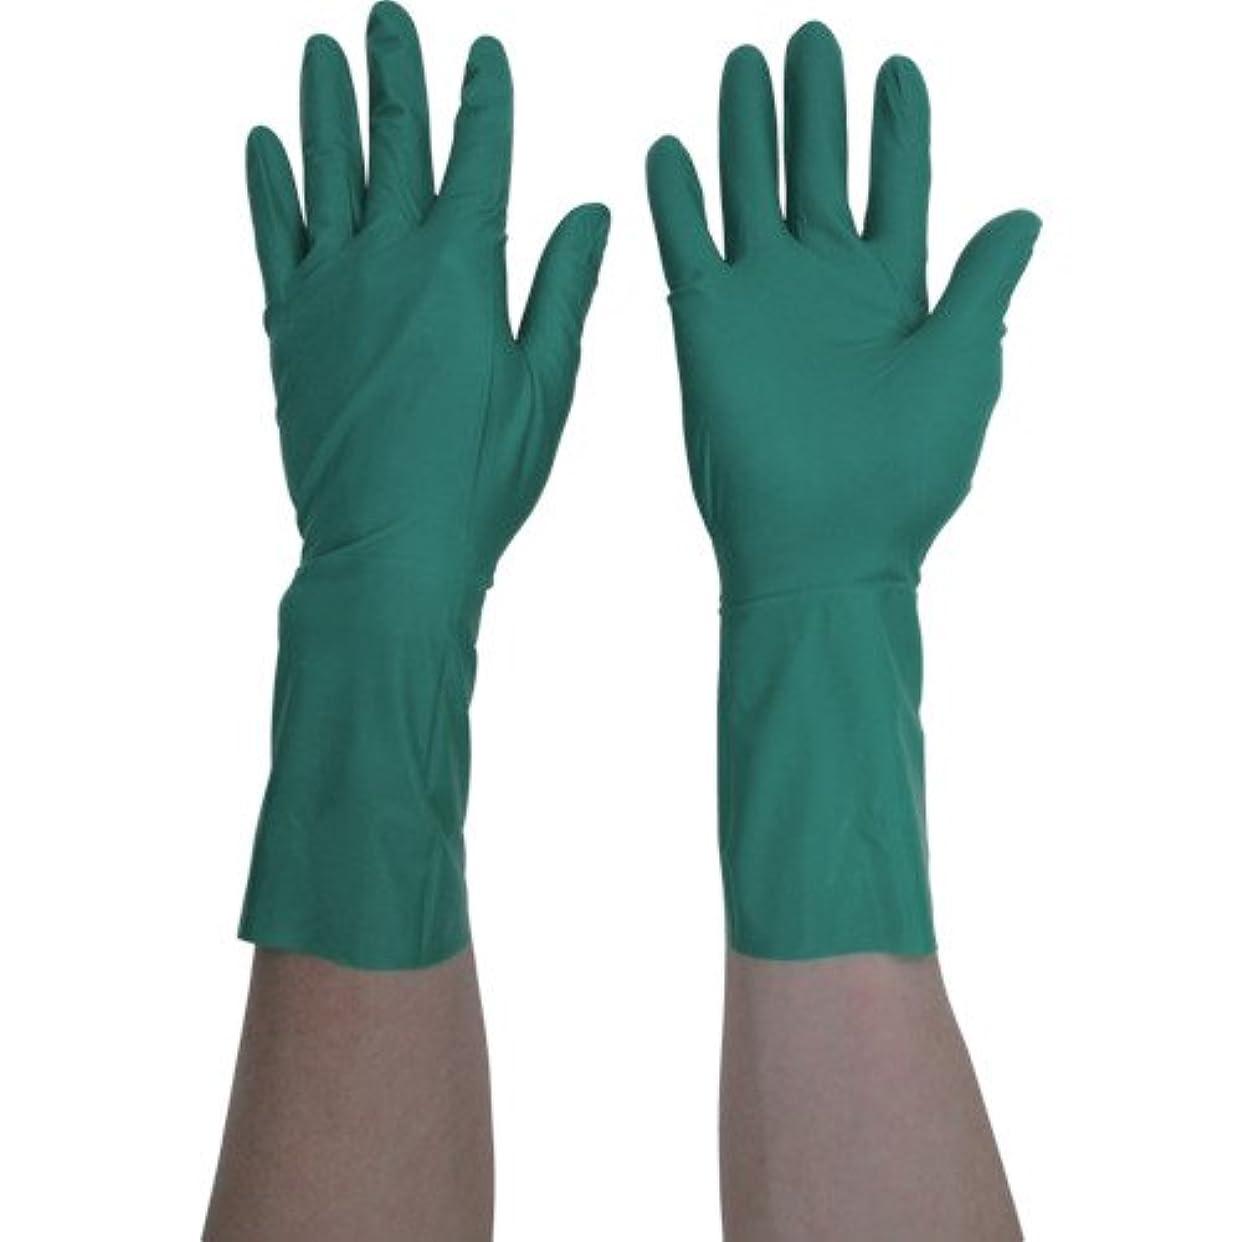 信じる同化スチュアート島アンセル CR用滅菌ノンアレルギー手袋 ダーマシールド 73-701 7.0 (10双入) 737017